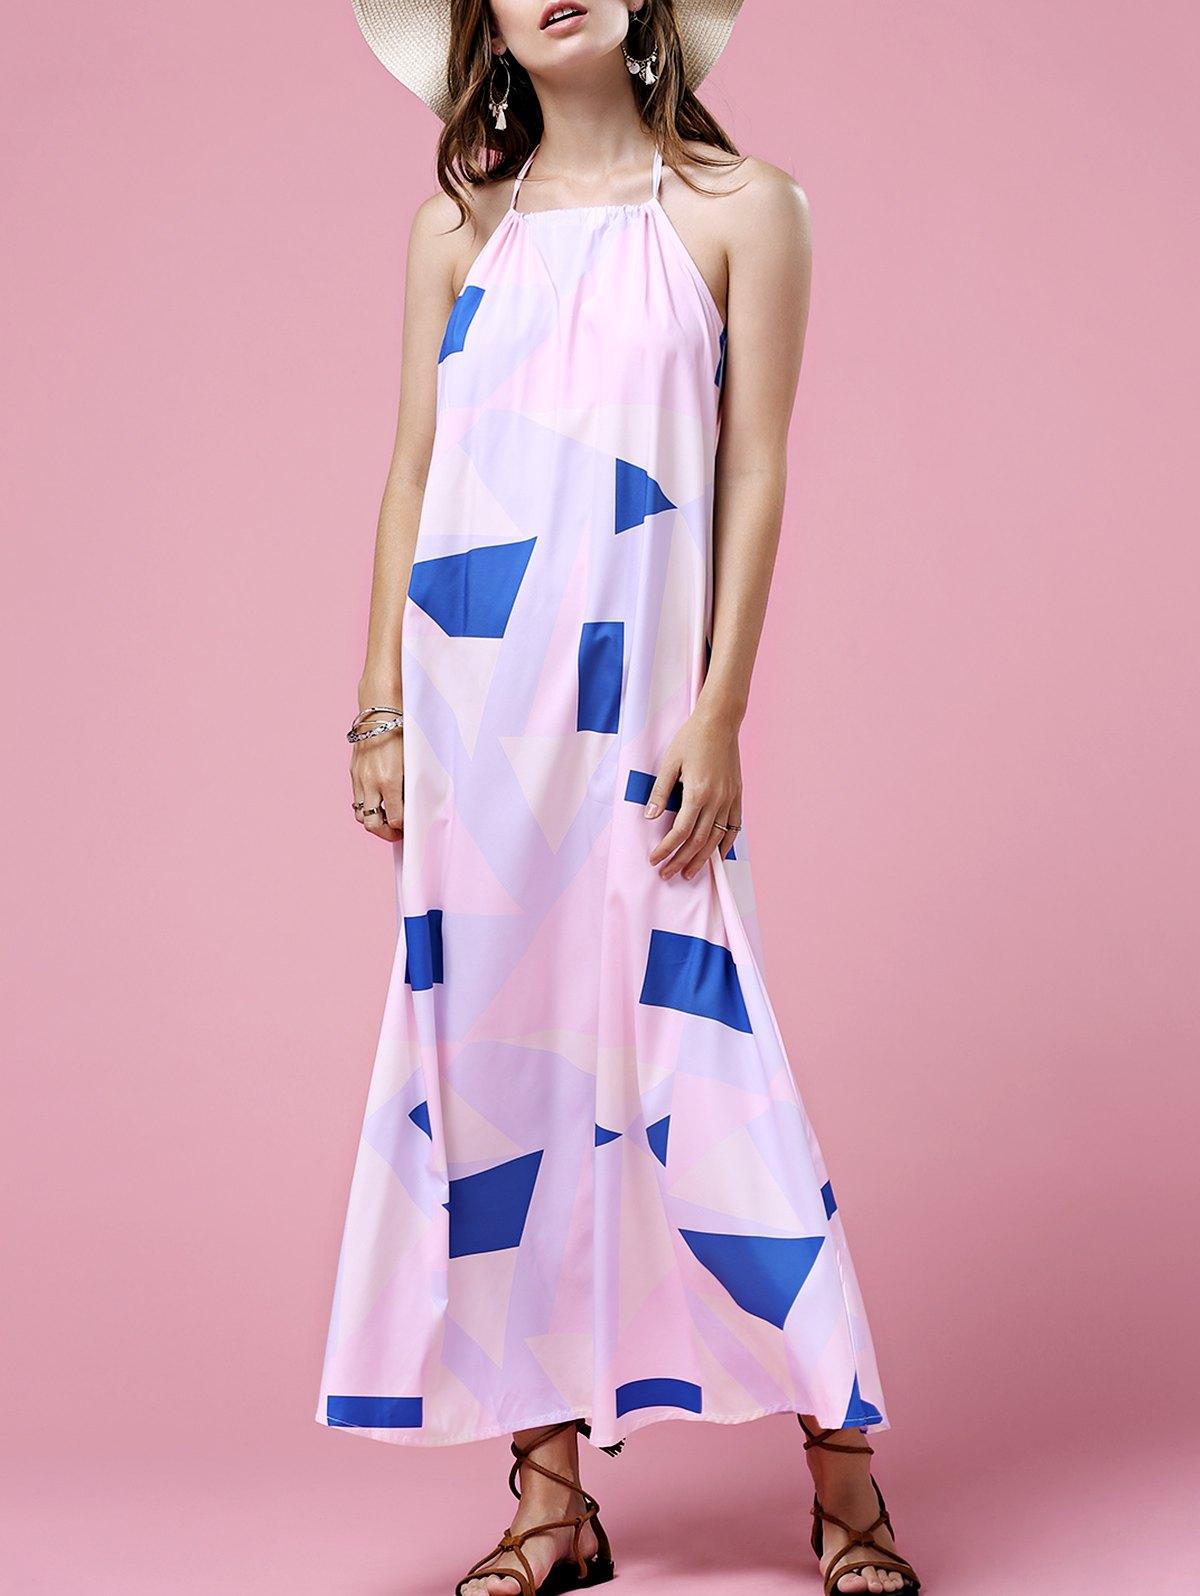 Rochie lungă, fără mâneci, cu spatele gol